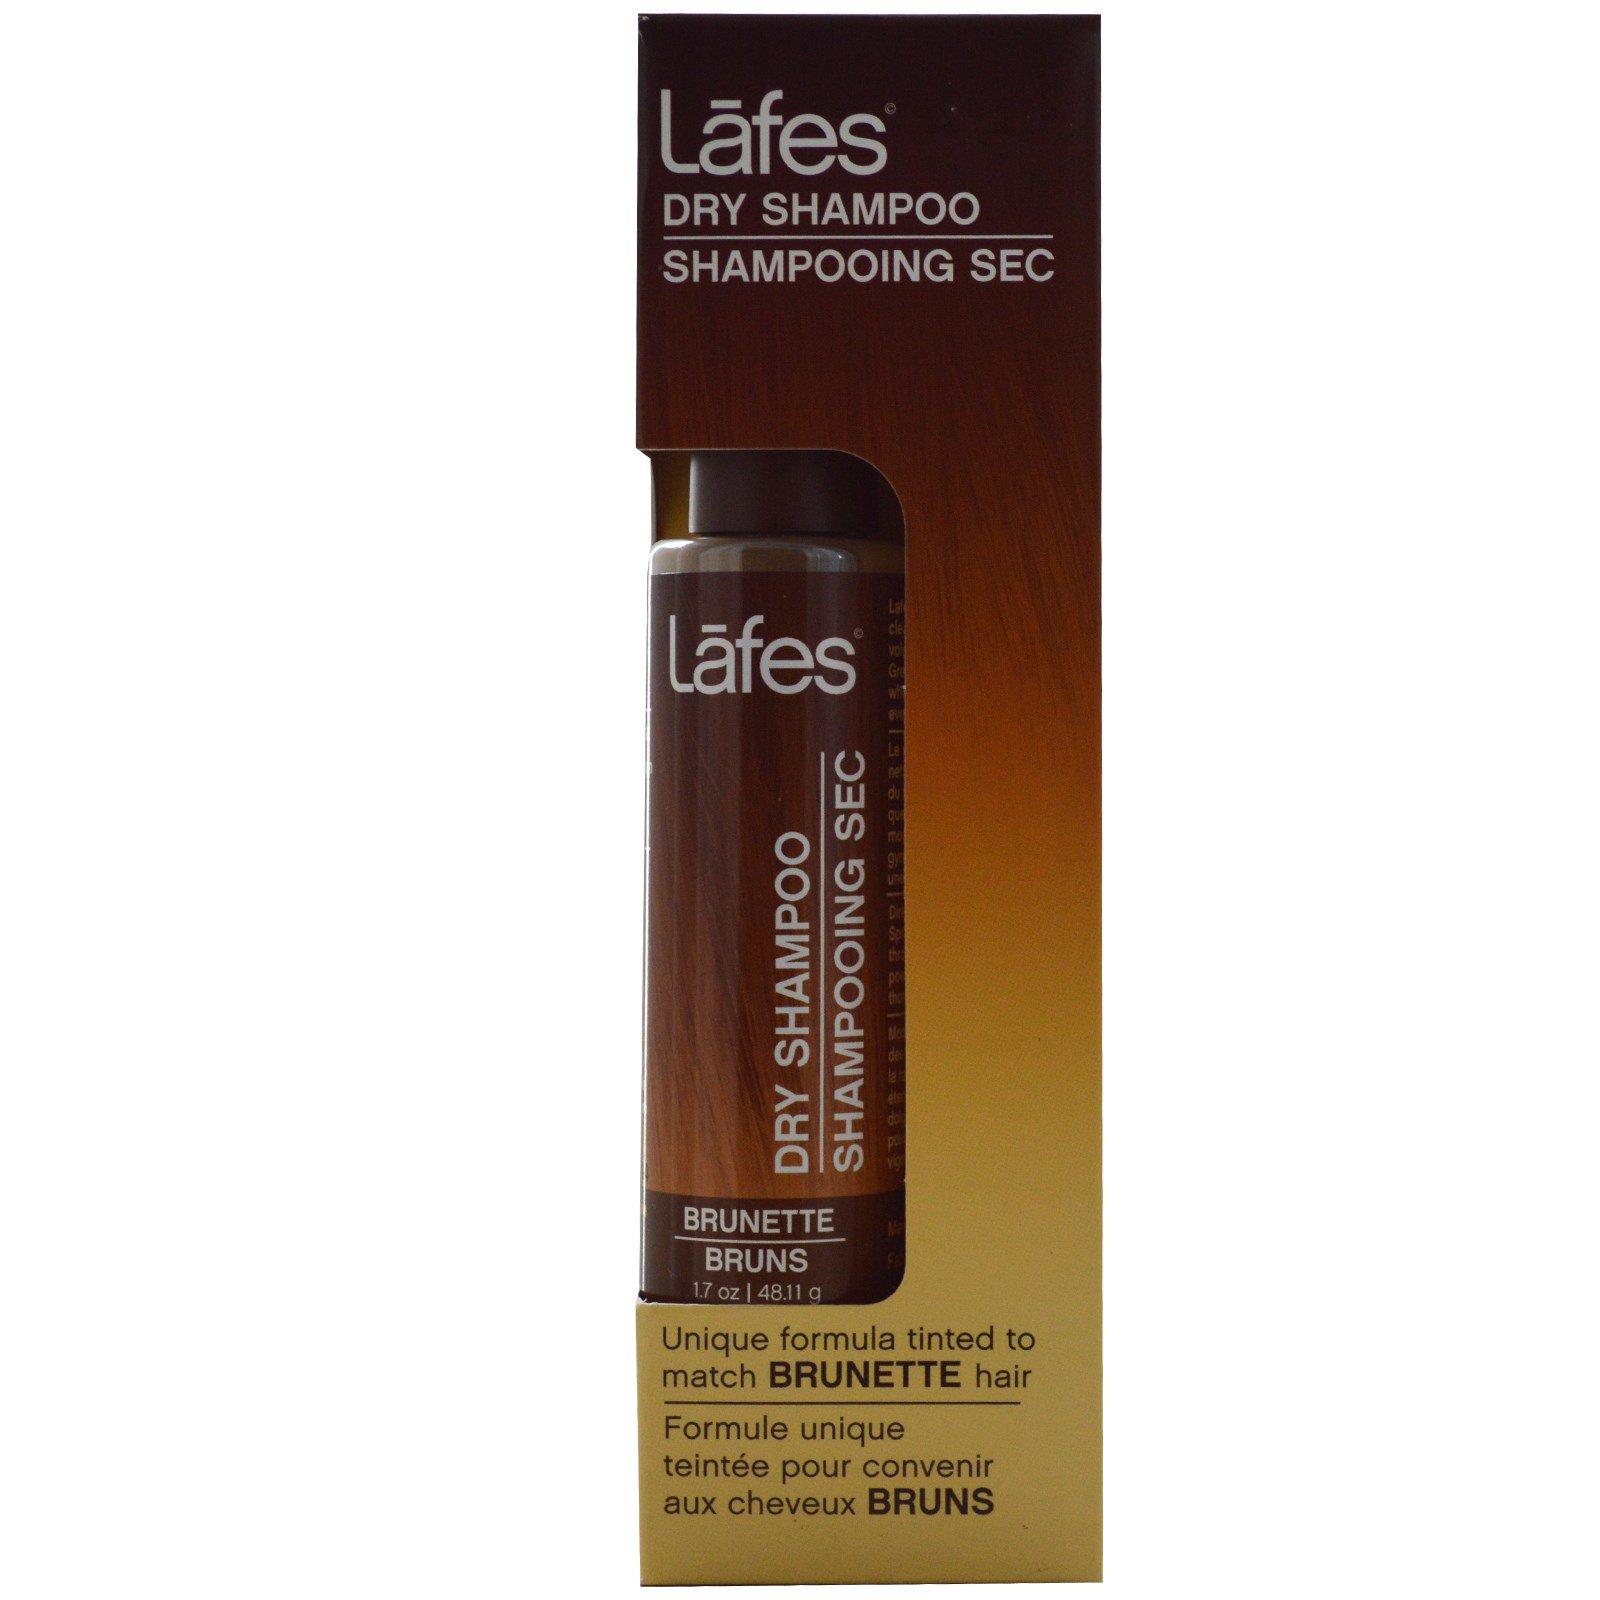 Lafe's Natural Body Care, Сухой шампунь, для темных волос, 48,11 г (1,7 унции)